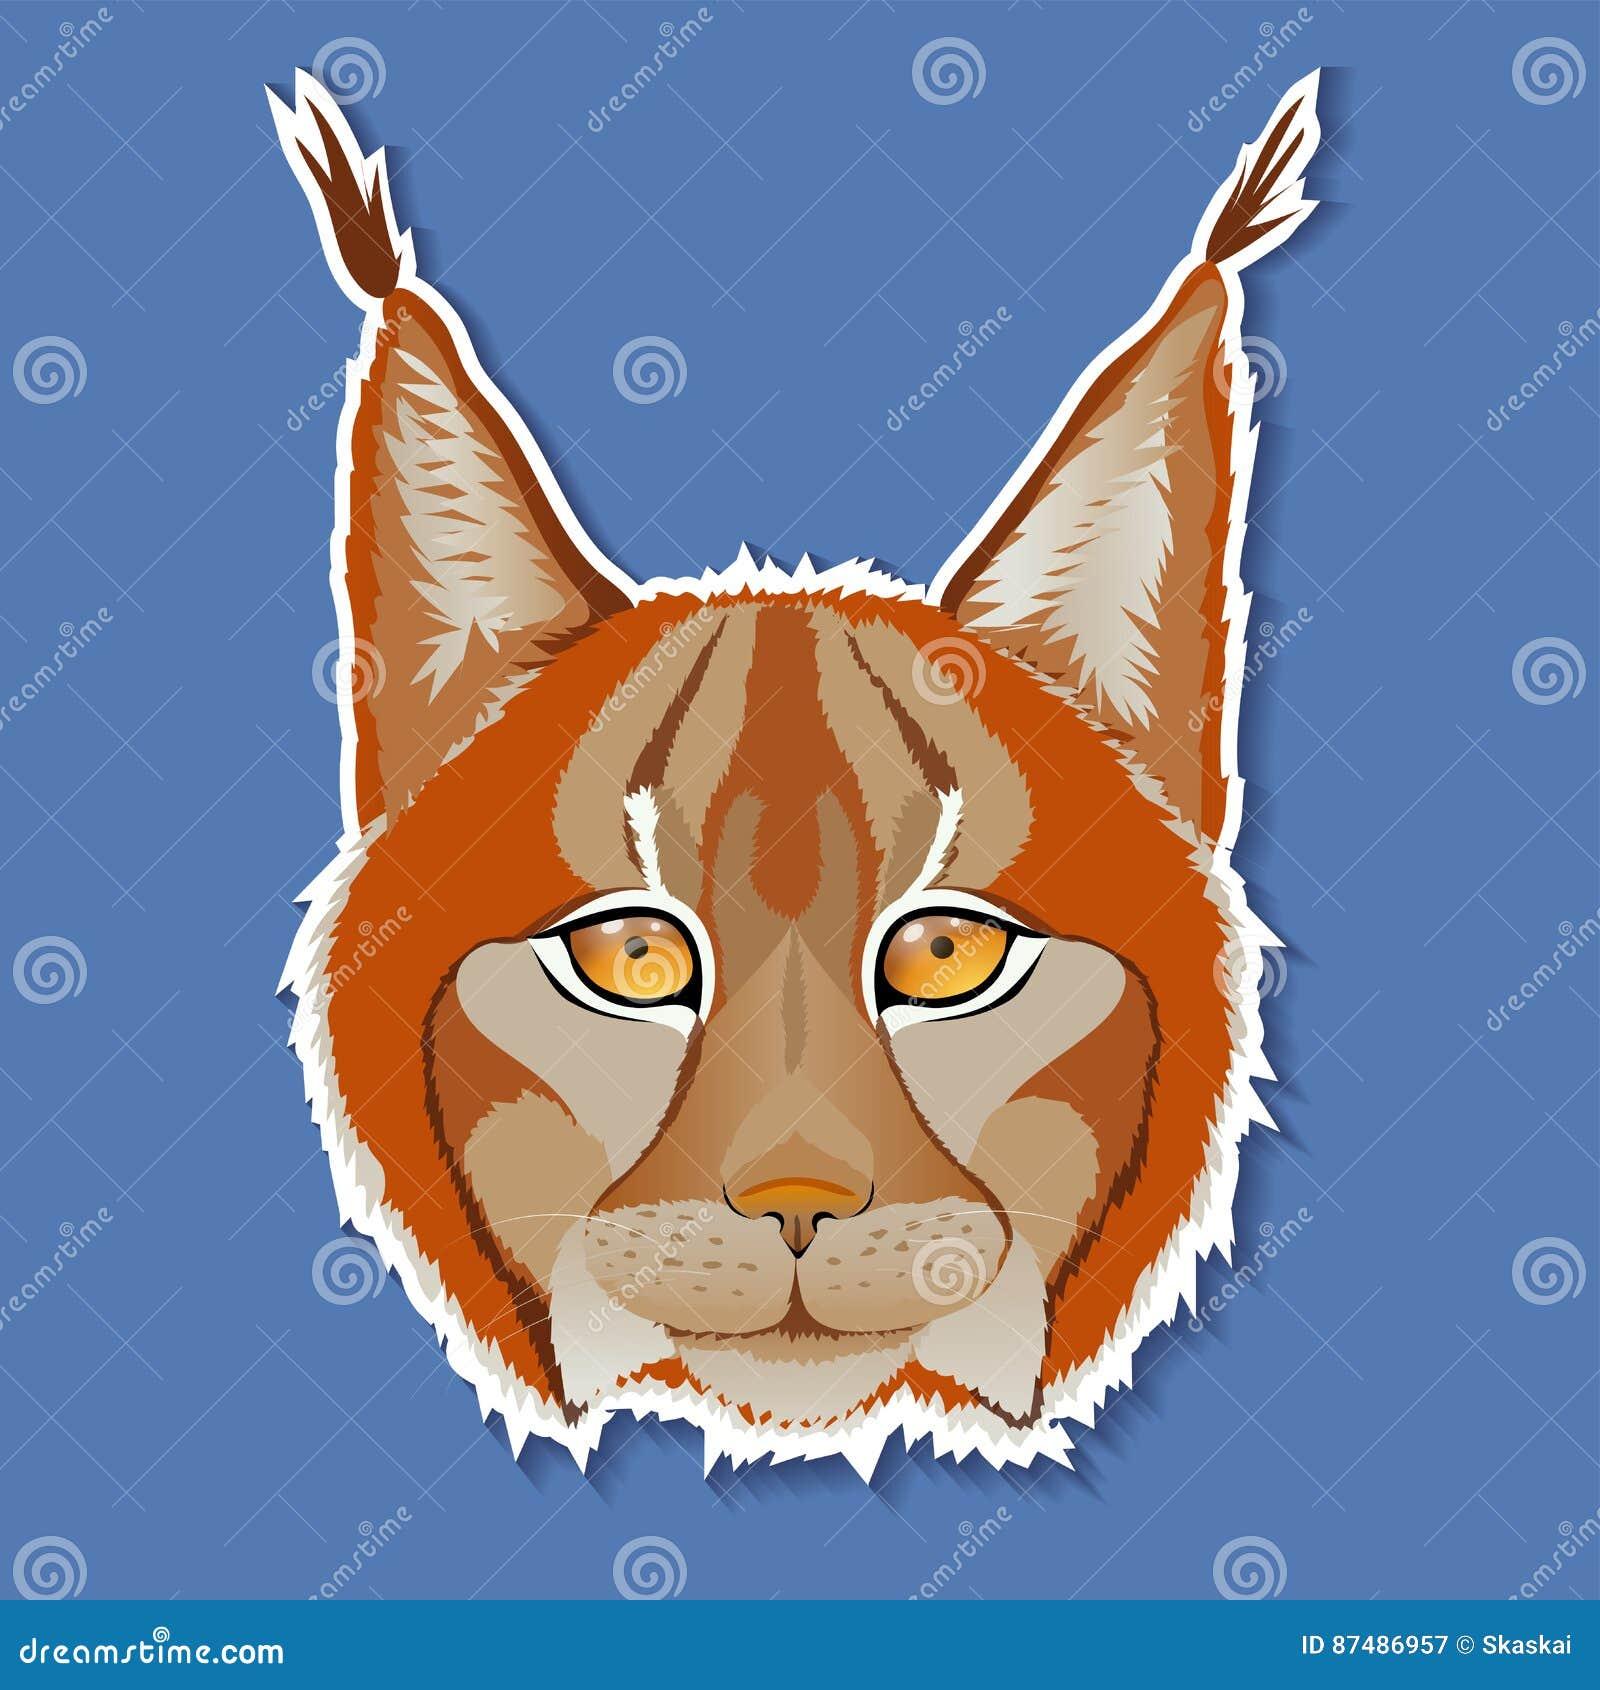 cartoon bobcat cartoons  illustrations   vector stock wildcat school mascot clipart wildcat school mascot clipart